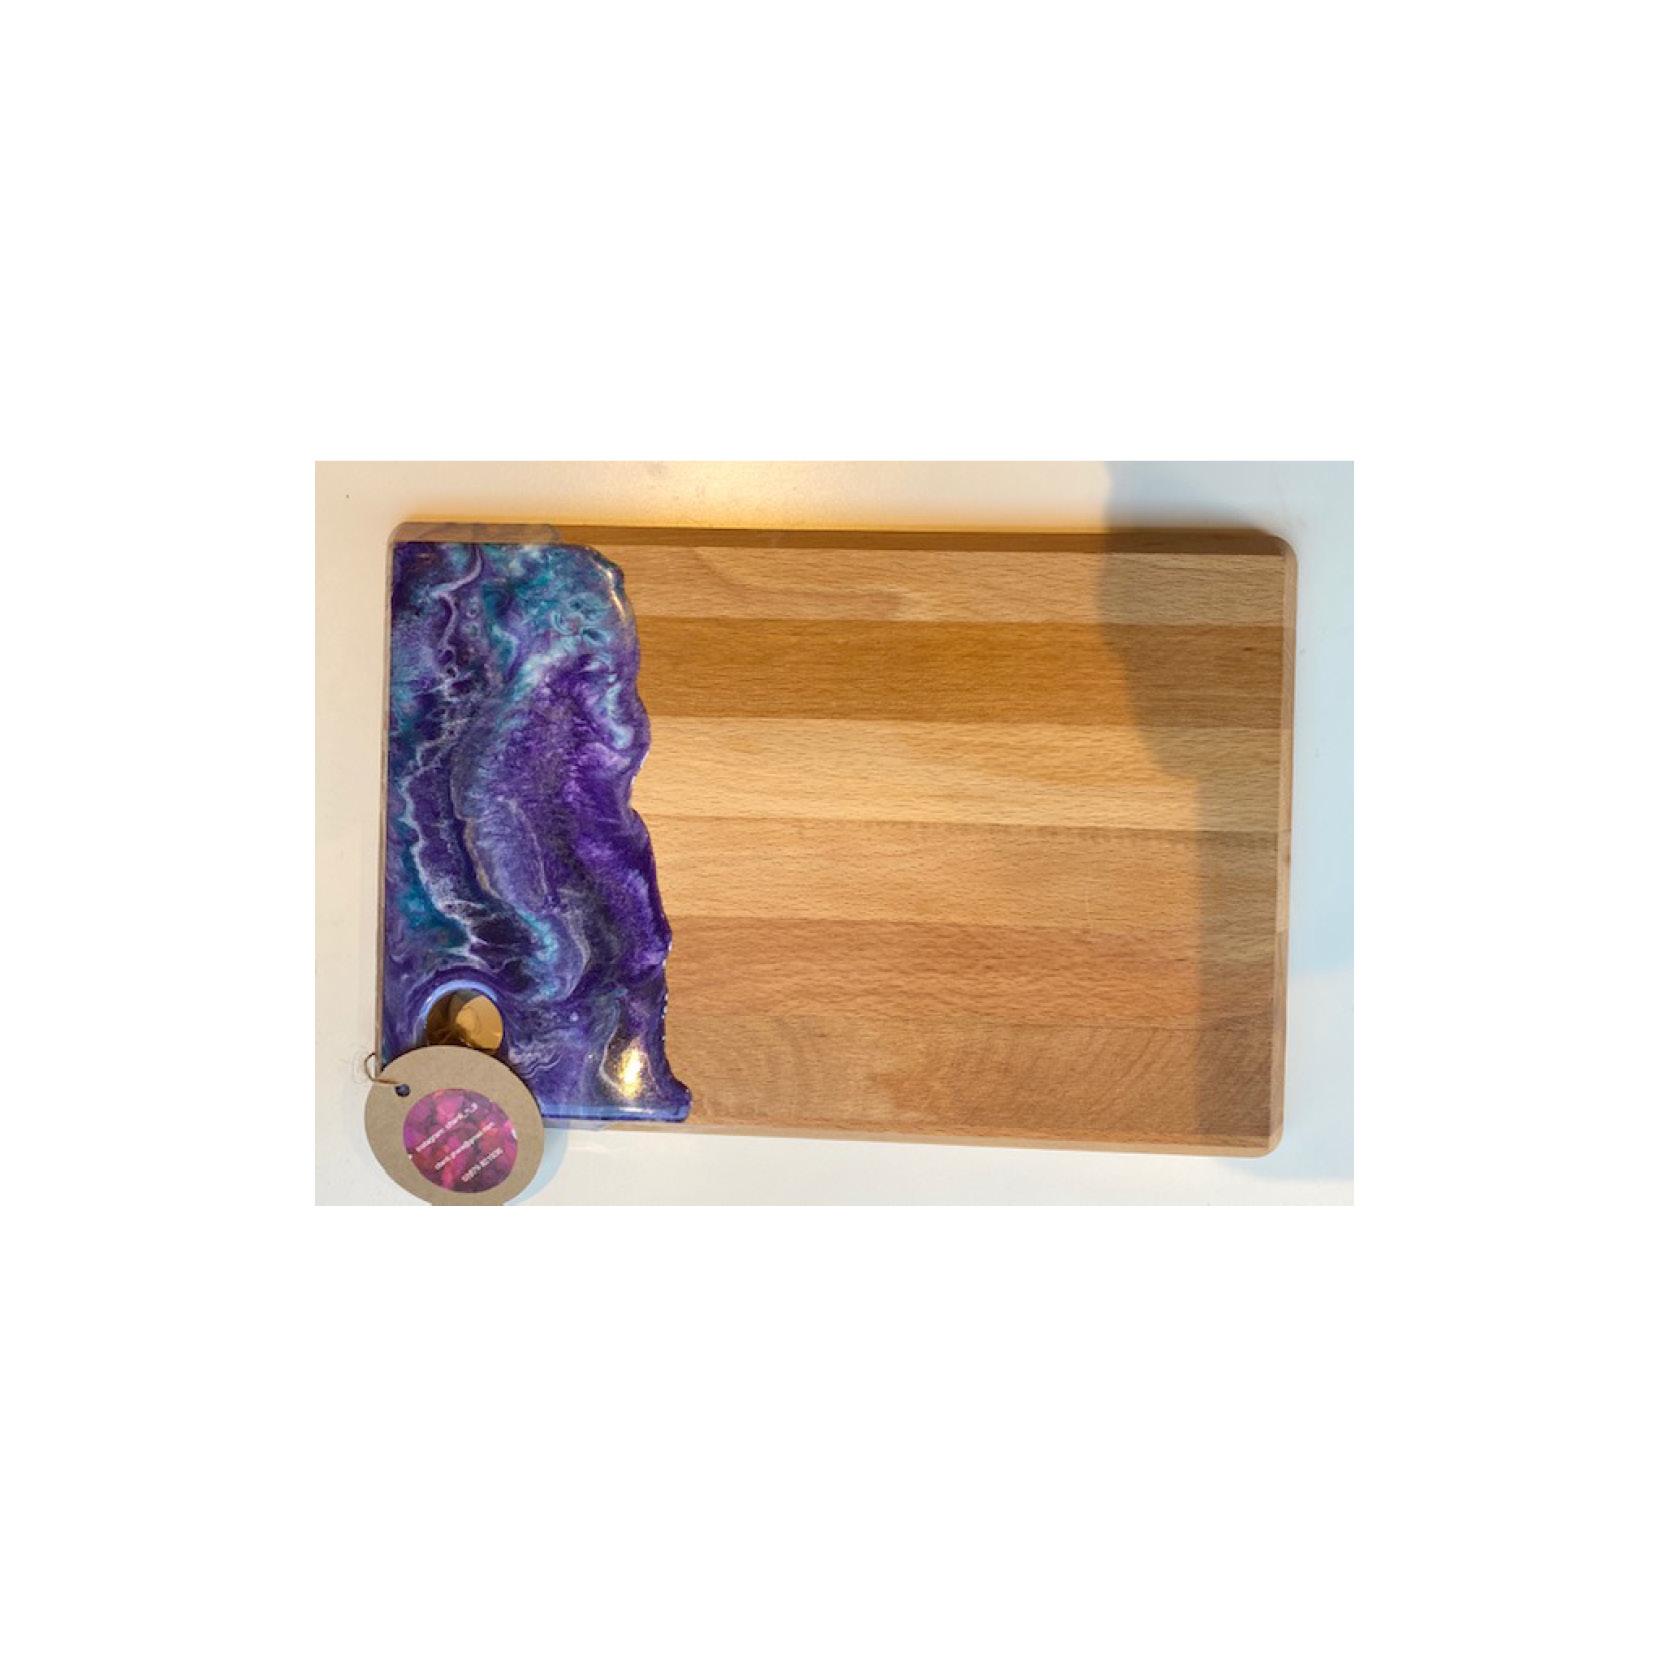 Chantal - Medium resin board